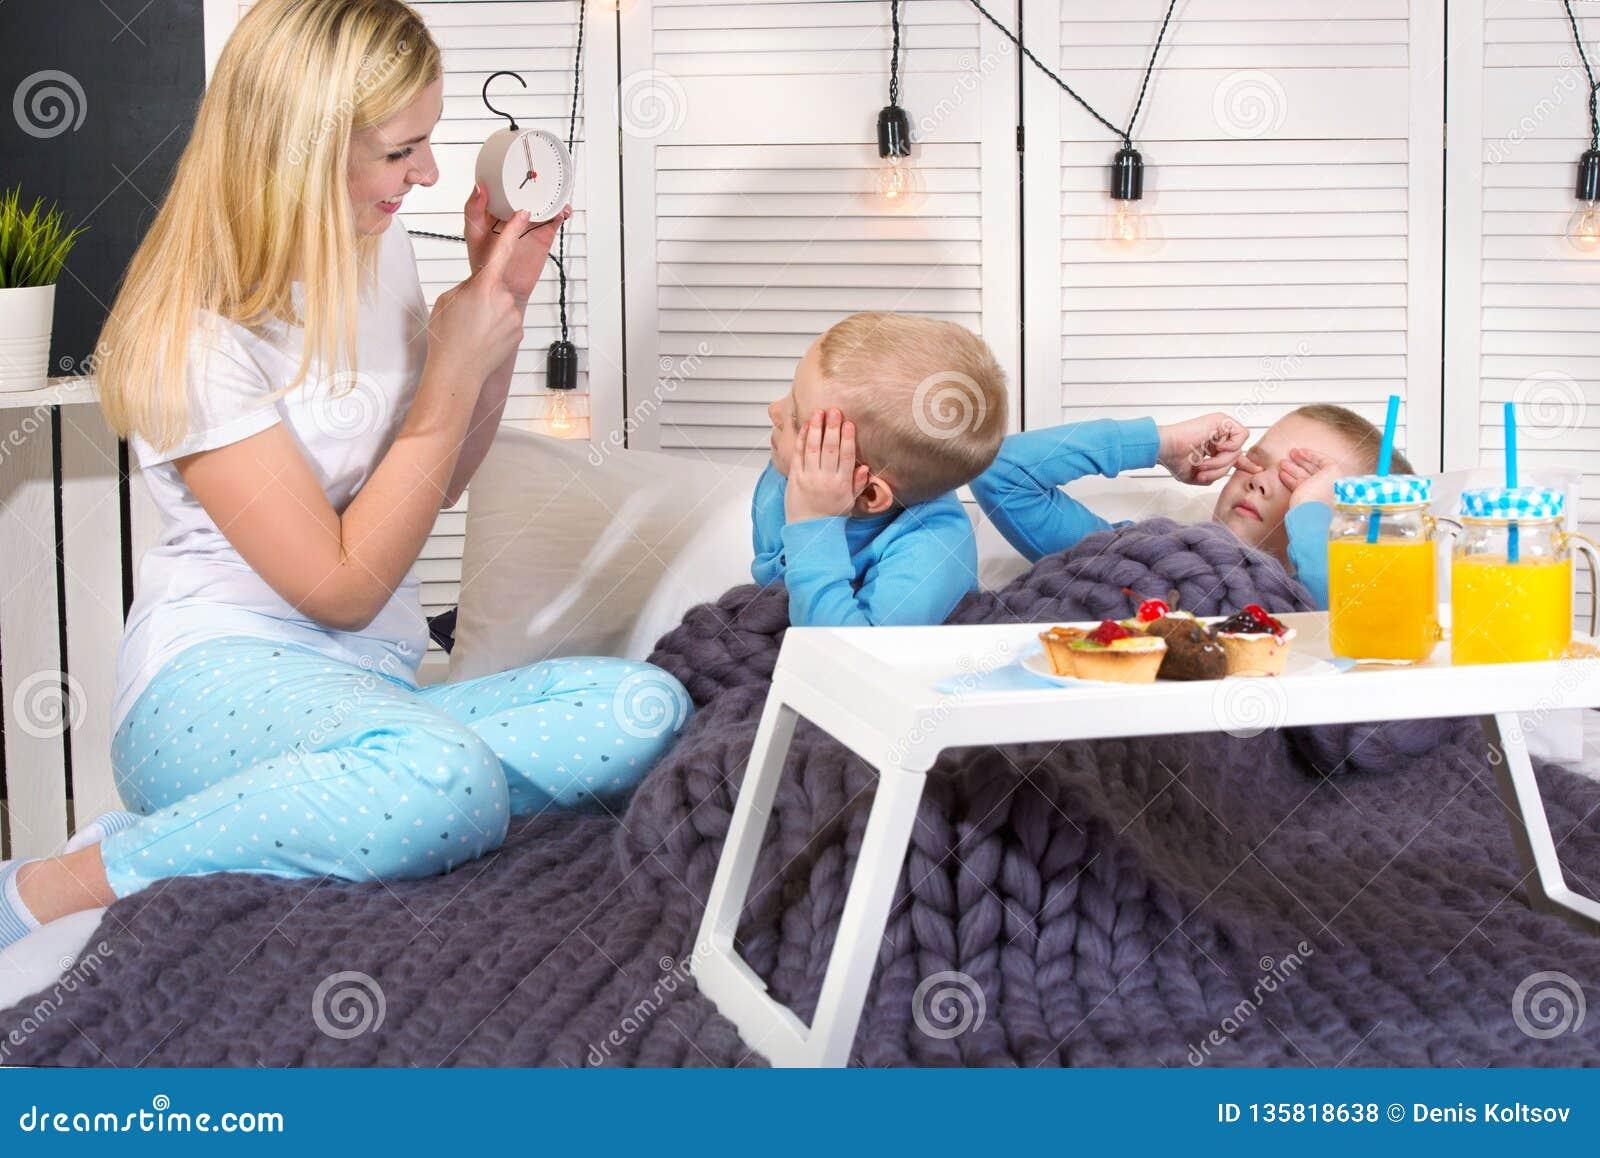 La madre despierta a sus hijos queridos Desayuno en la cama para los niños, sorpresa